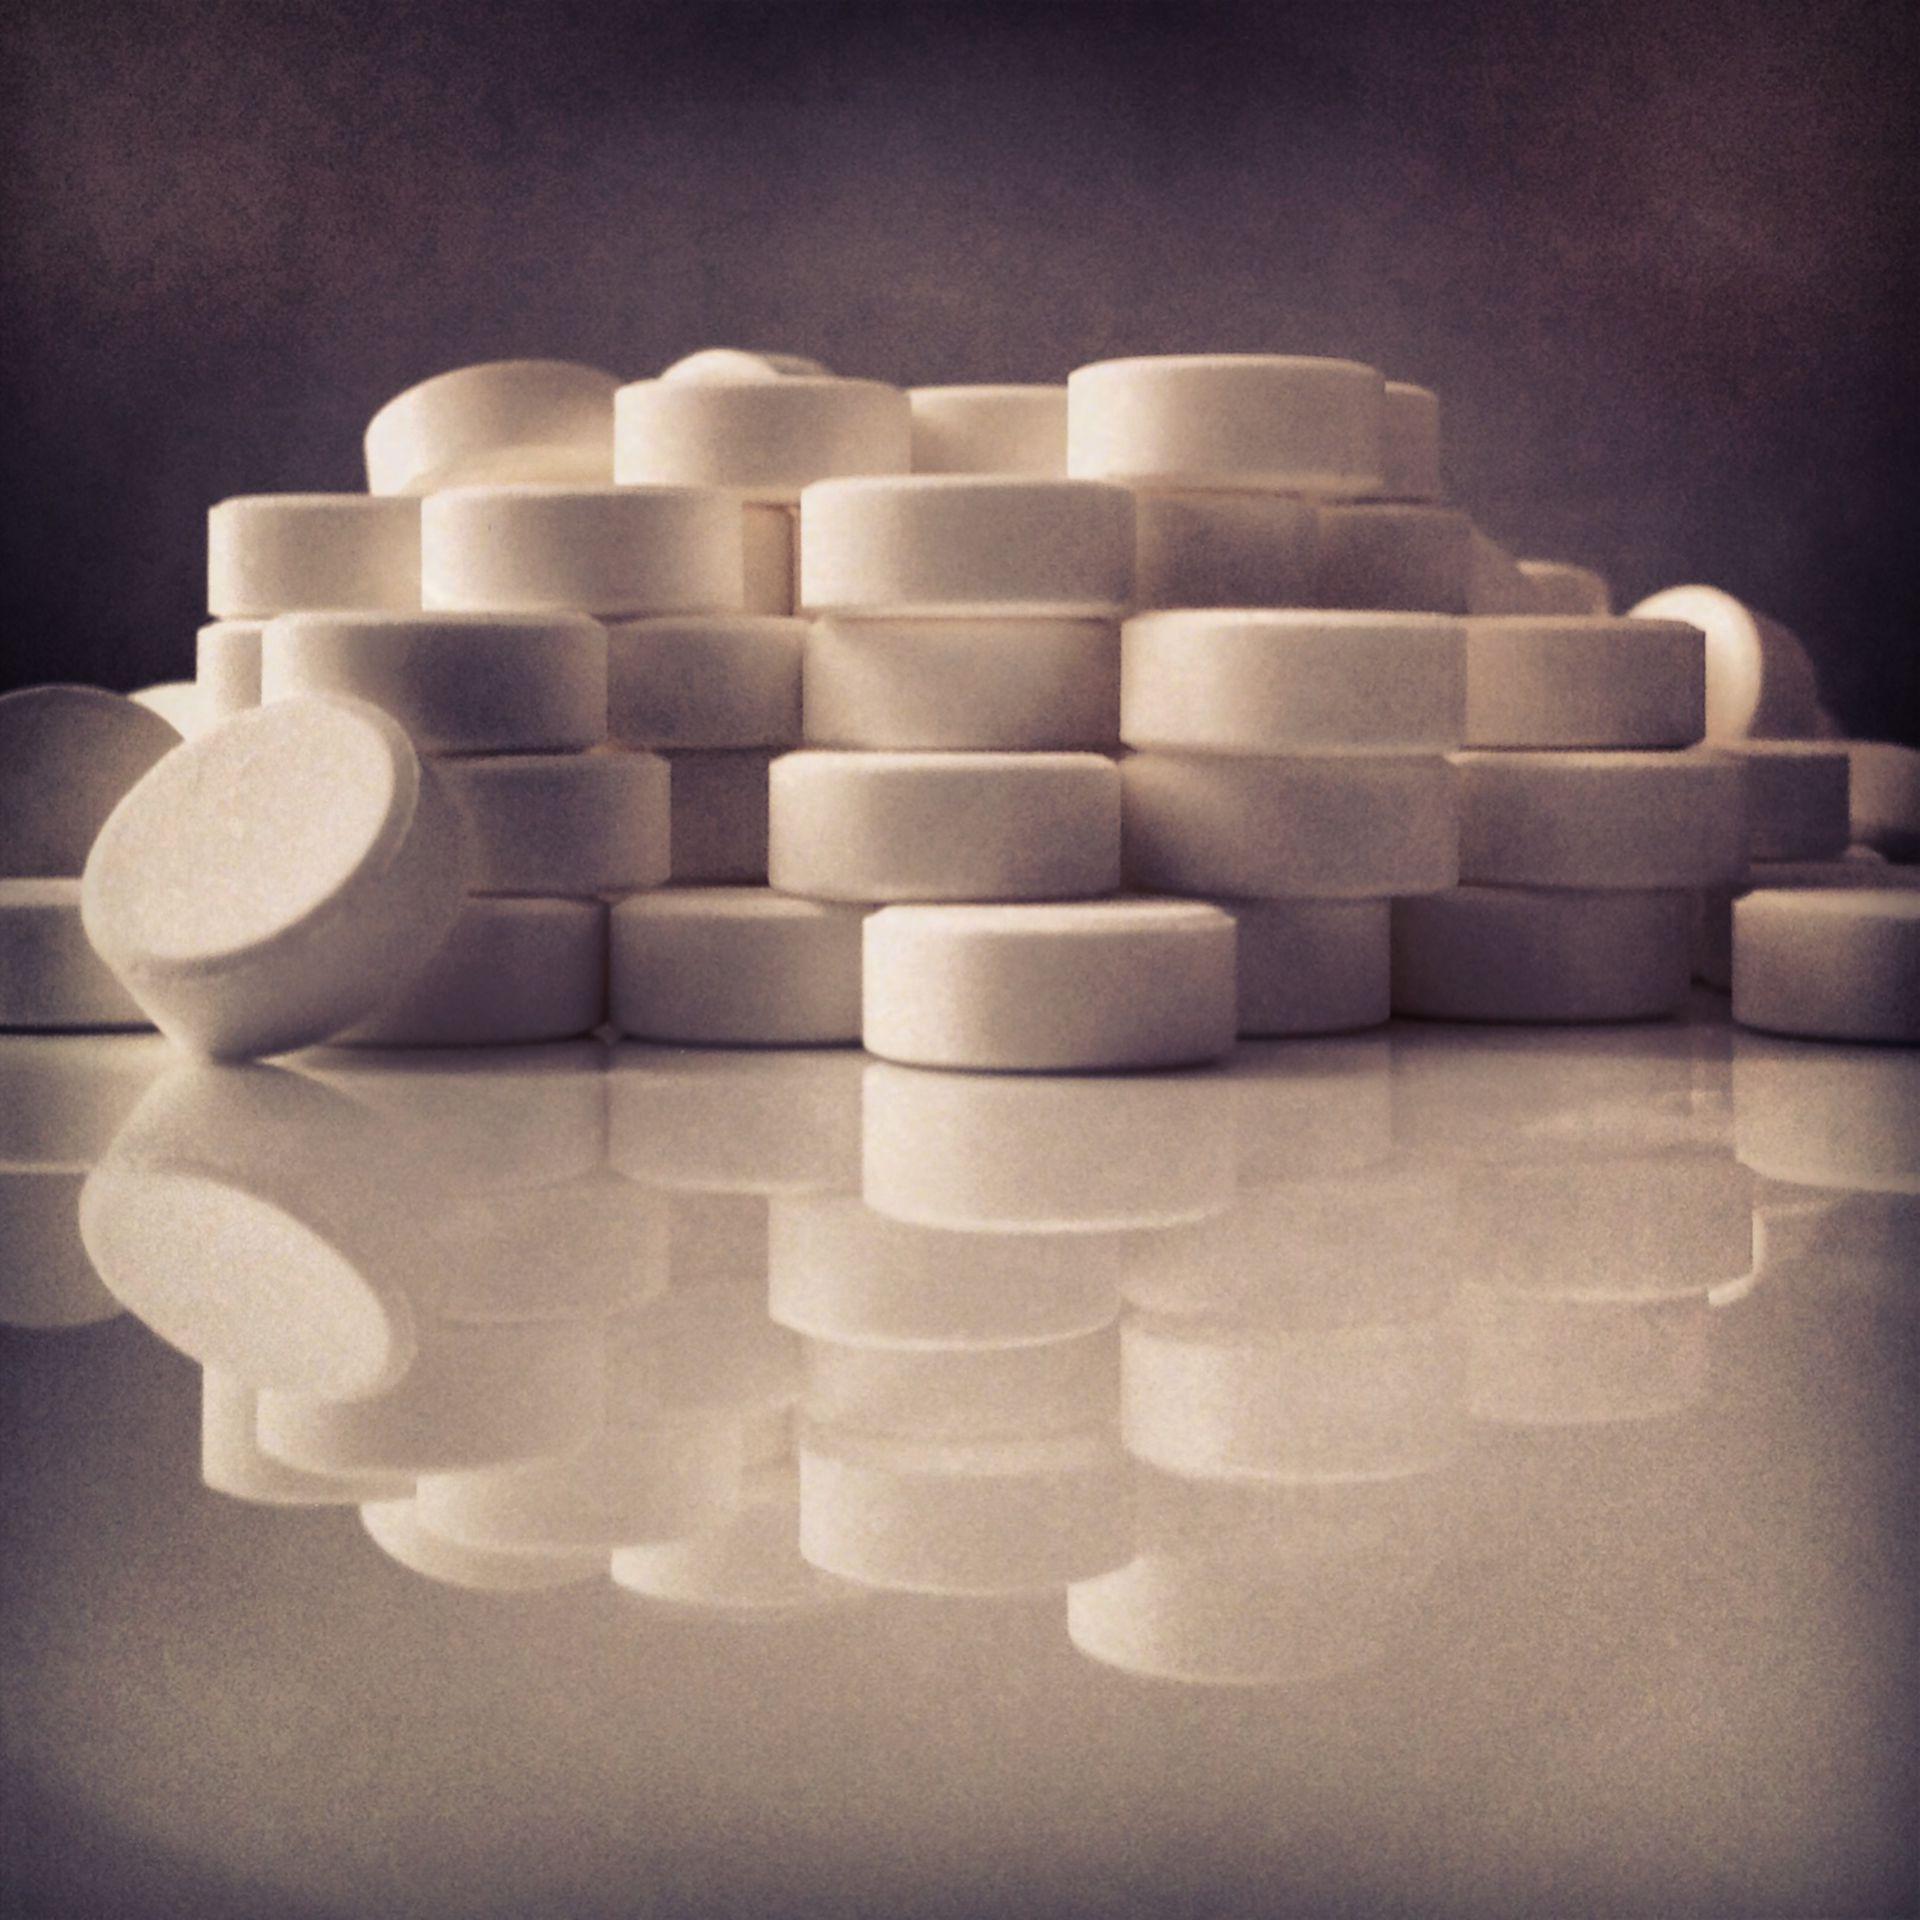 Tablettenhaufen frontal